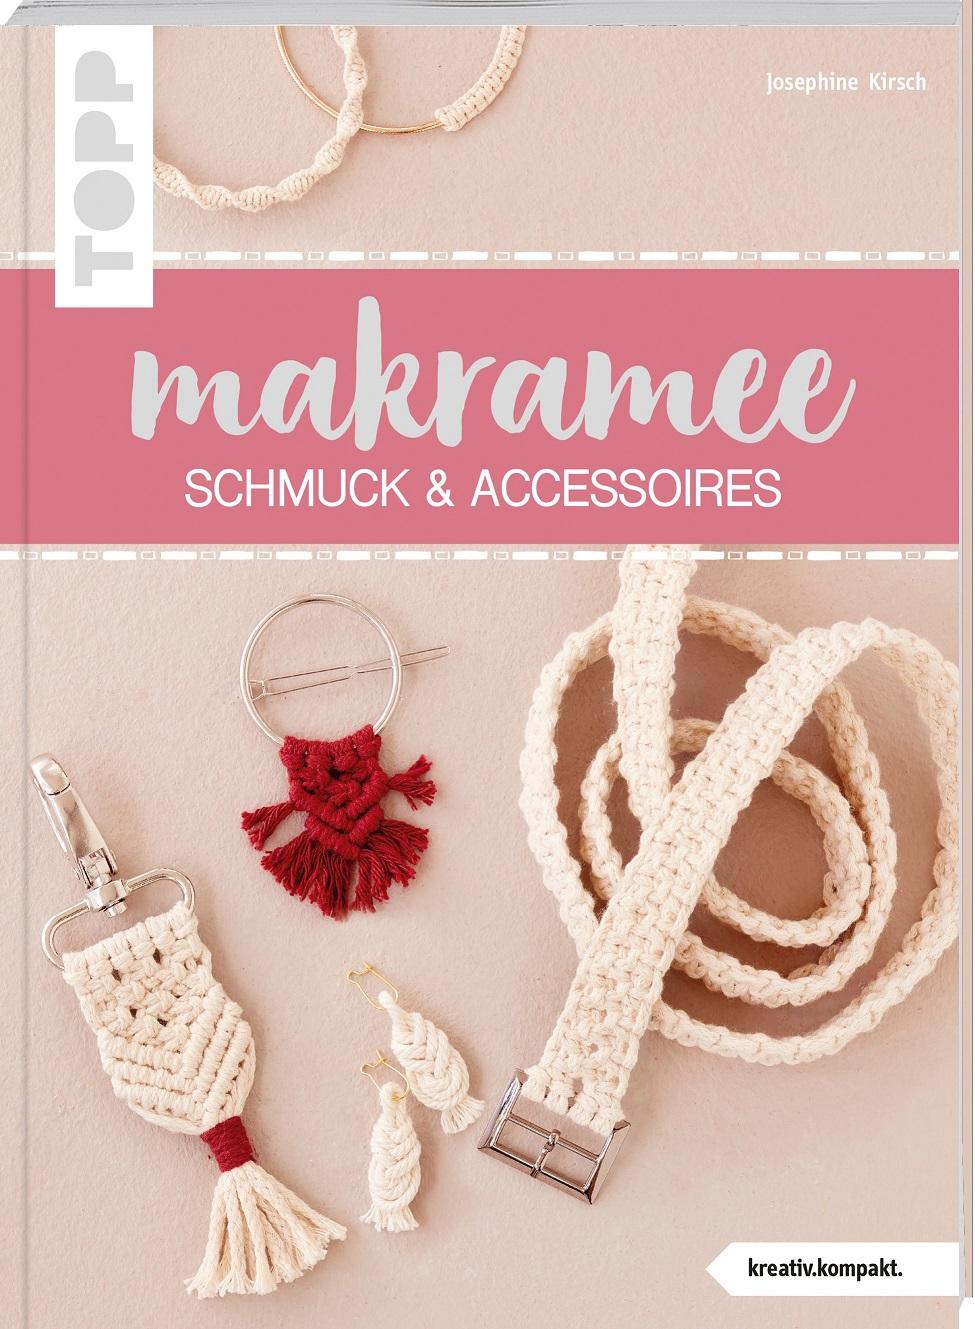 Topp 4384 Makramee Schmuck & Accessoires